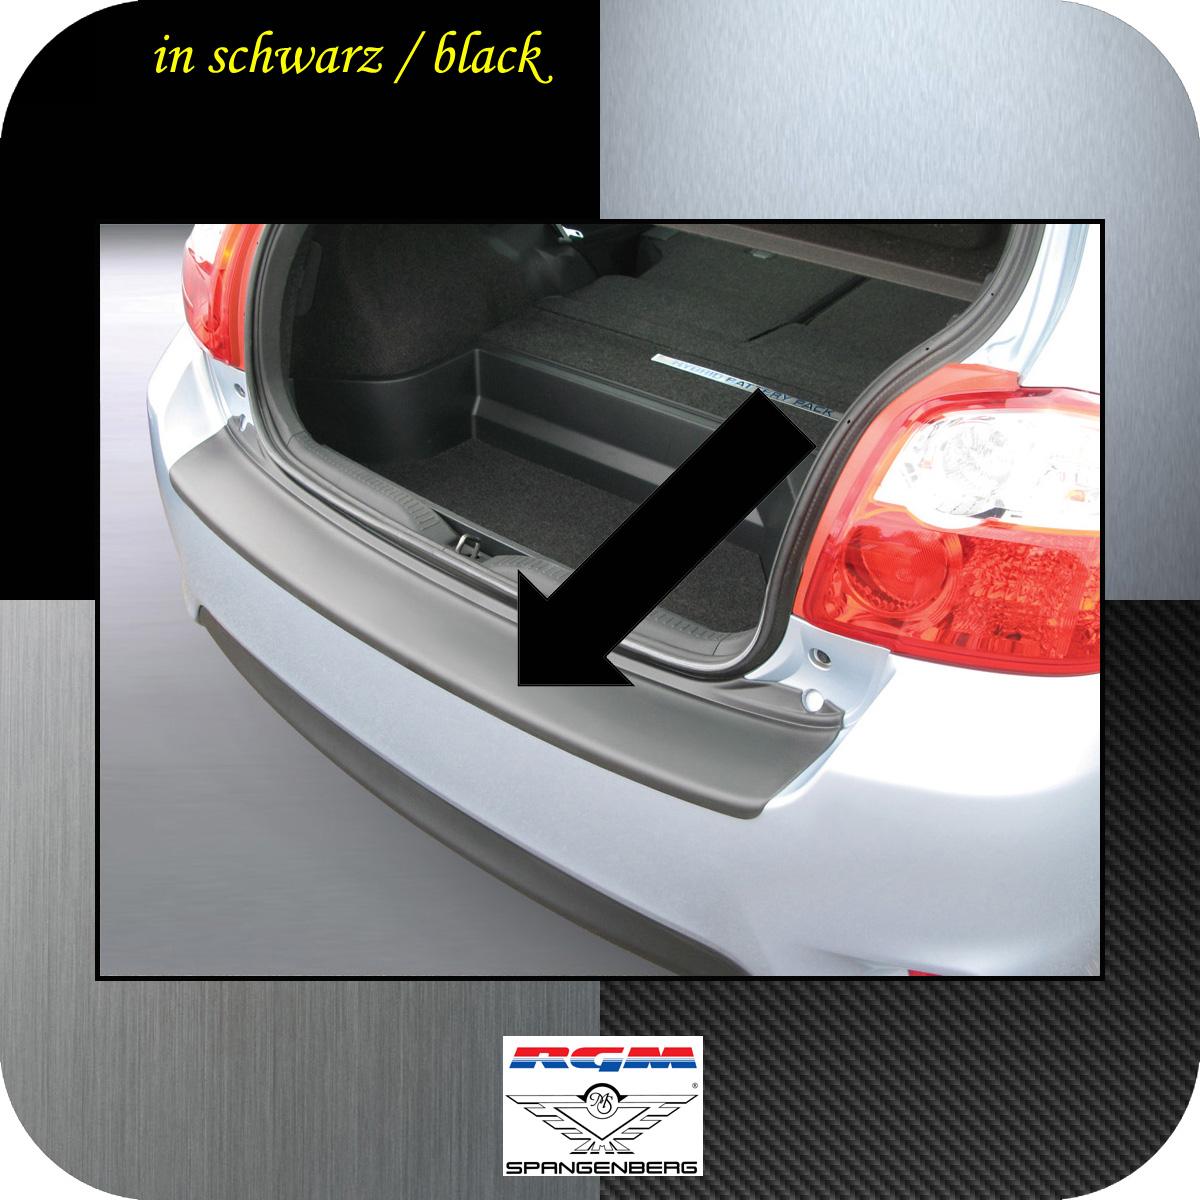 Ladekantenschutz schwarz Toyota Auris I Schrägheck ab Mopf 2010-2012 3500515